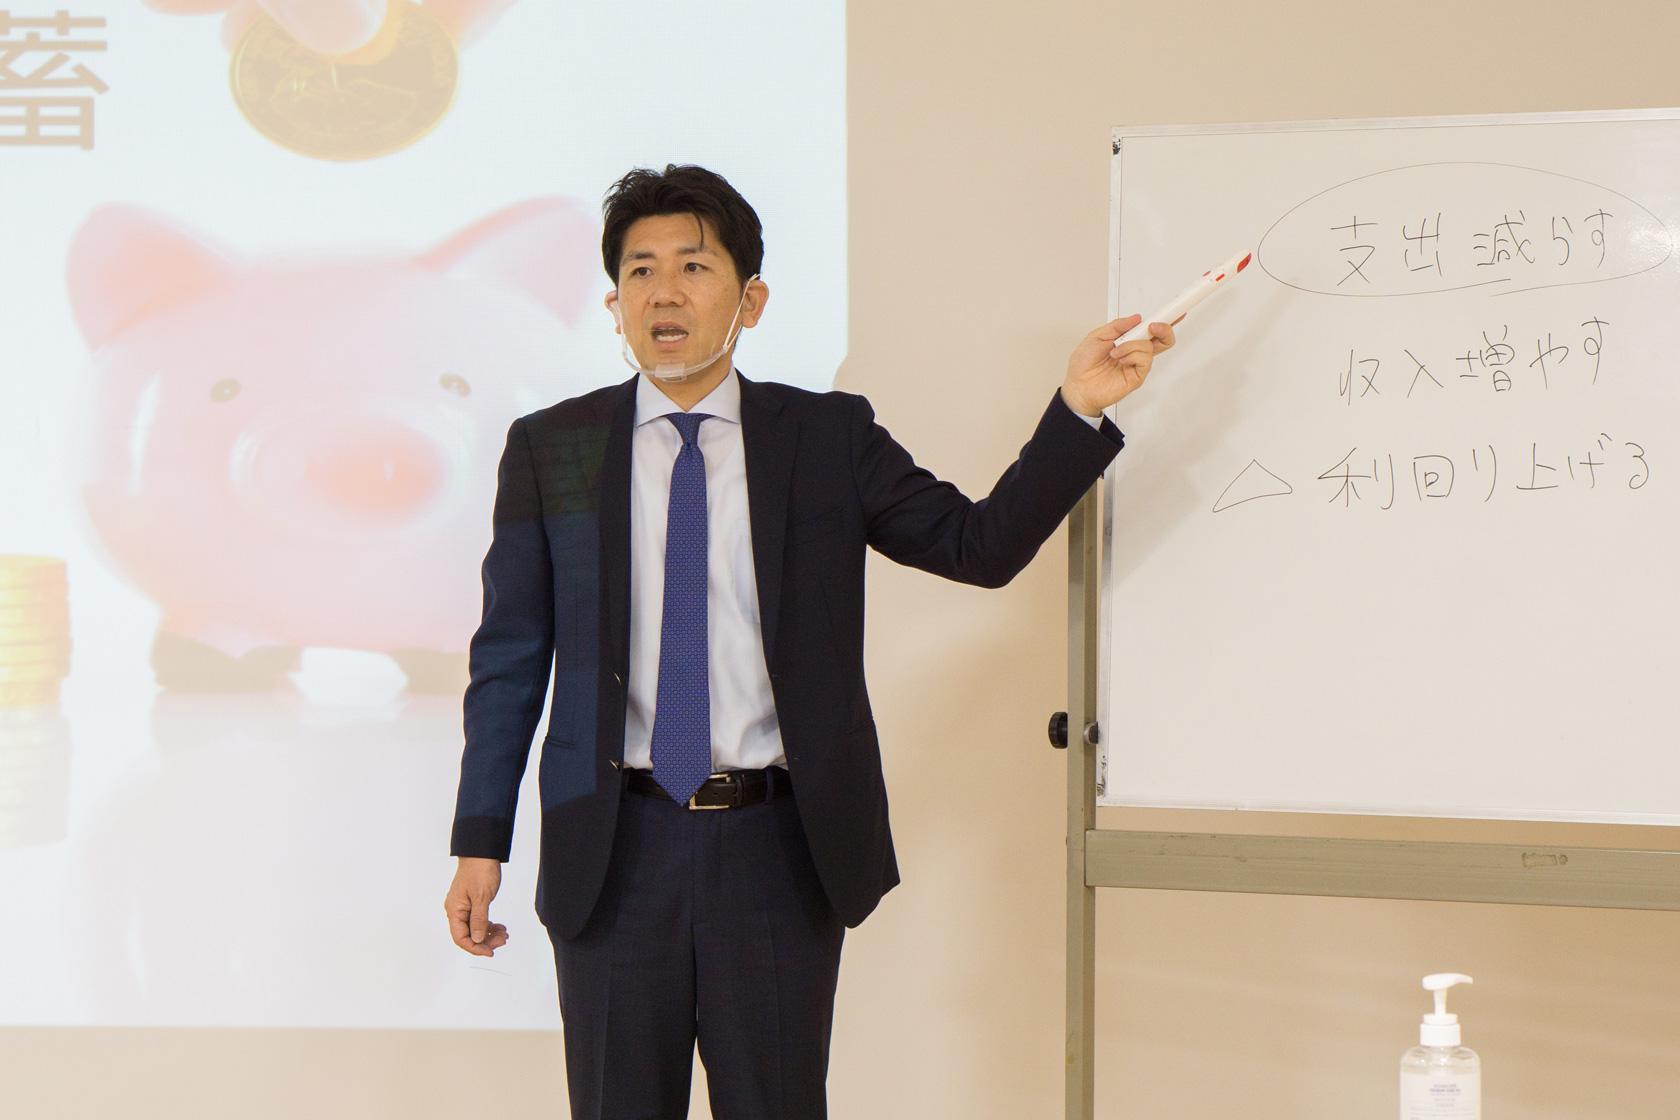 ファイナンシャルプランナーのマネー講座・投資・資産運用講演